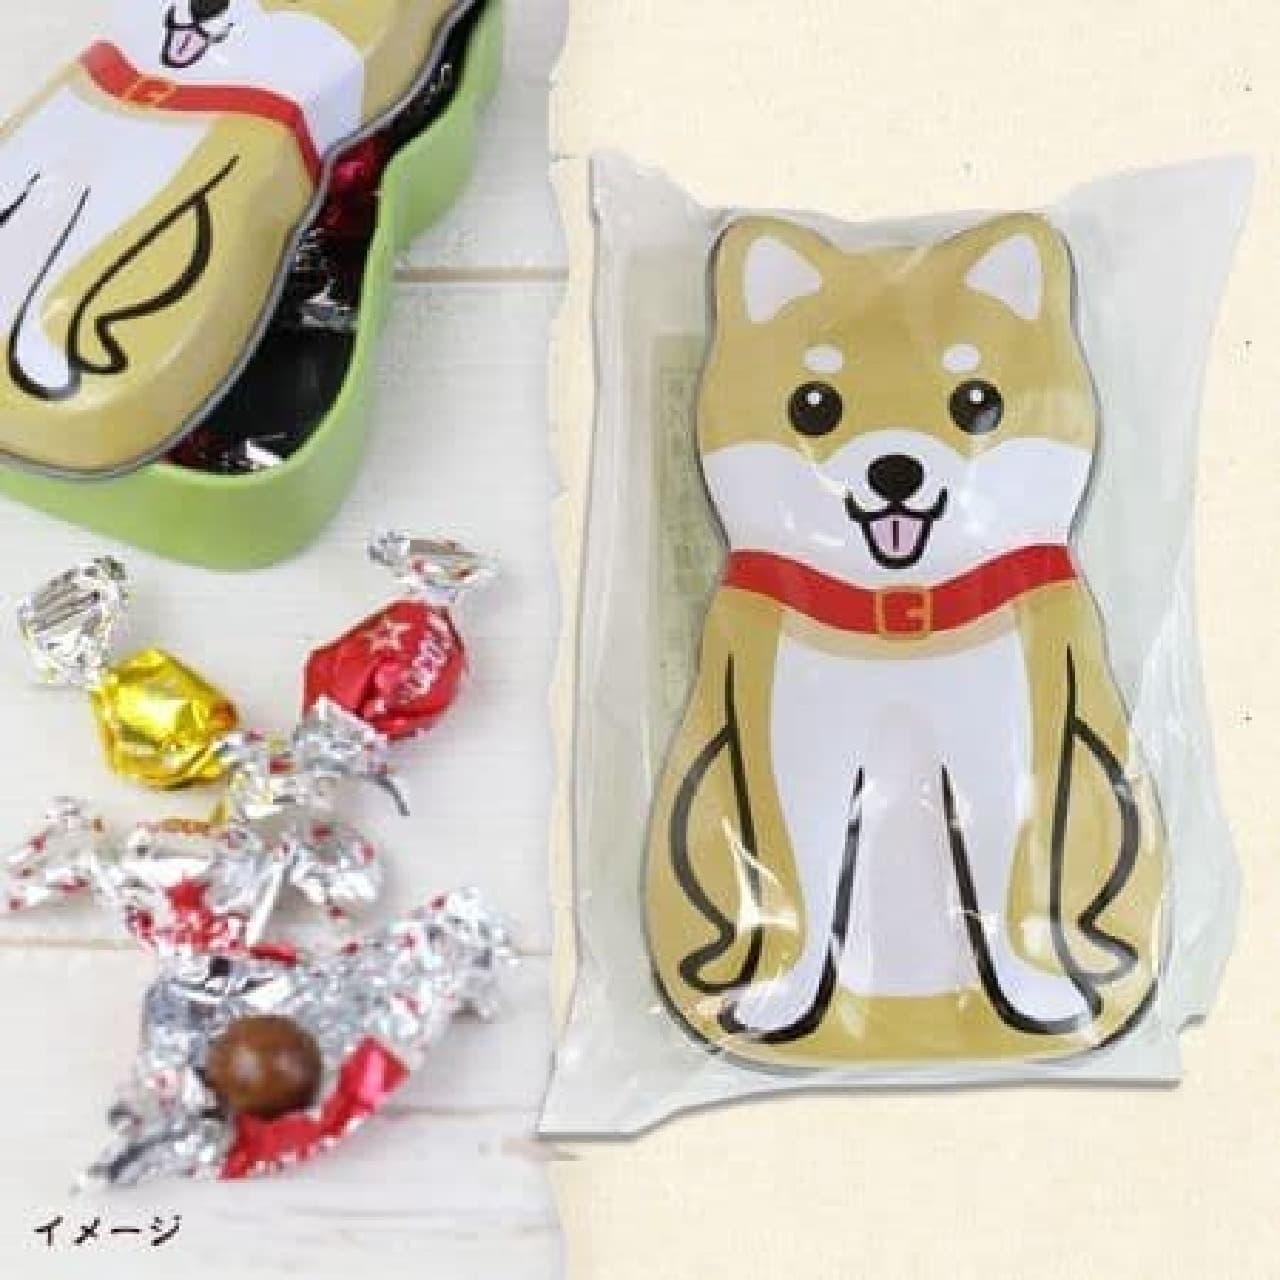 カルディに犬モチーフのお菓子